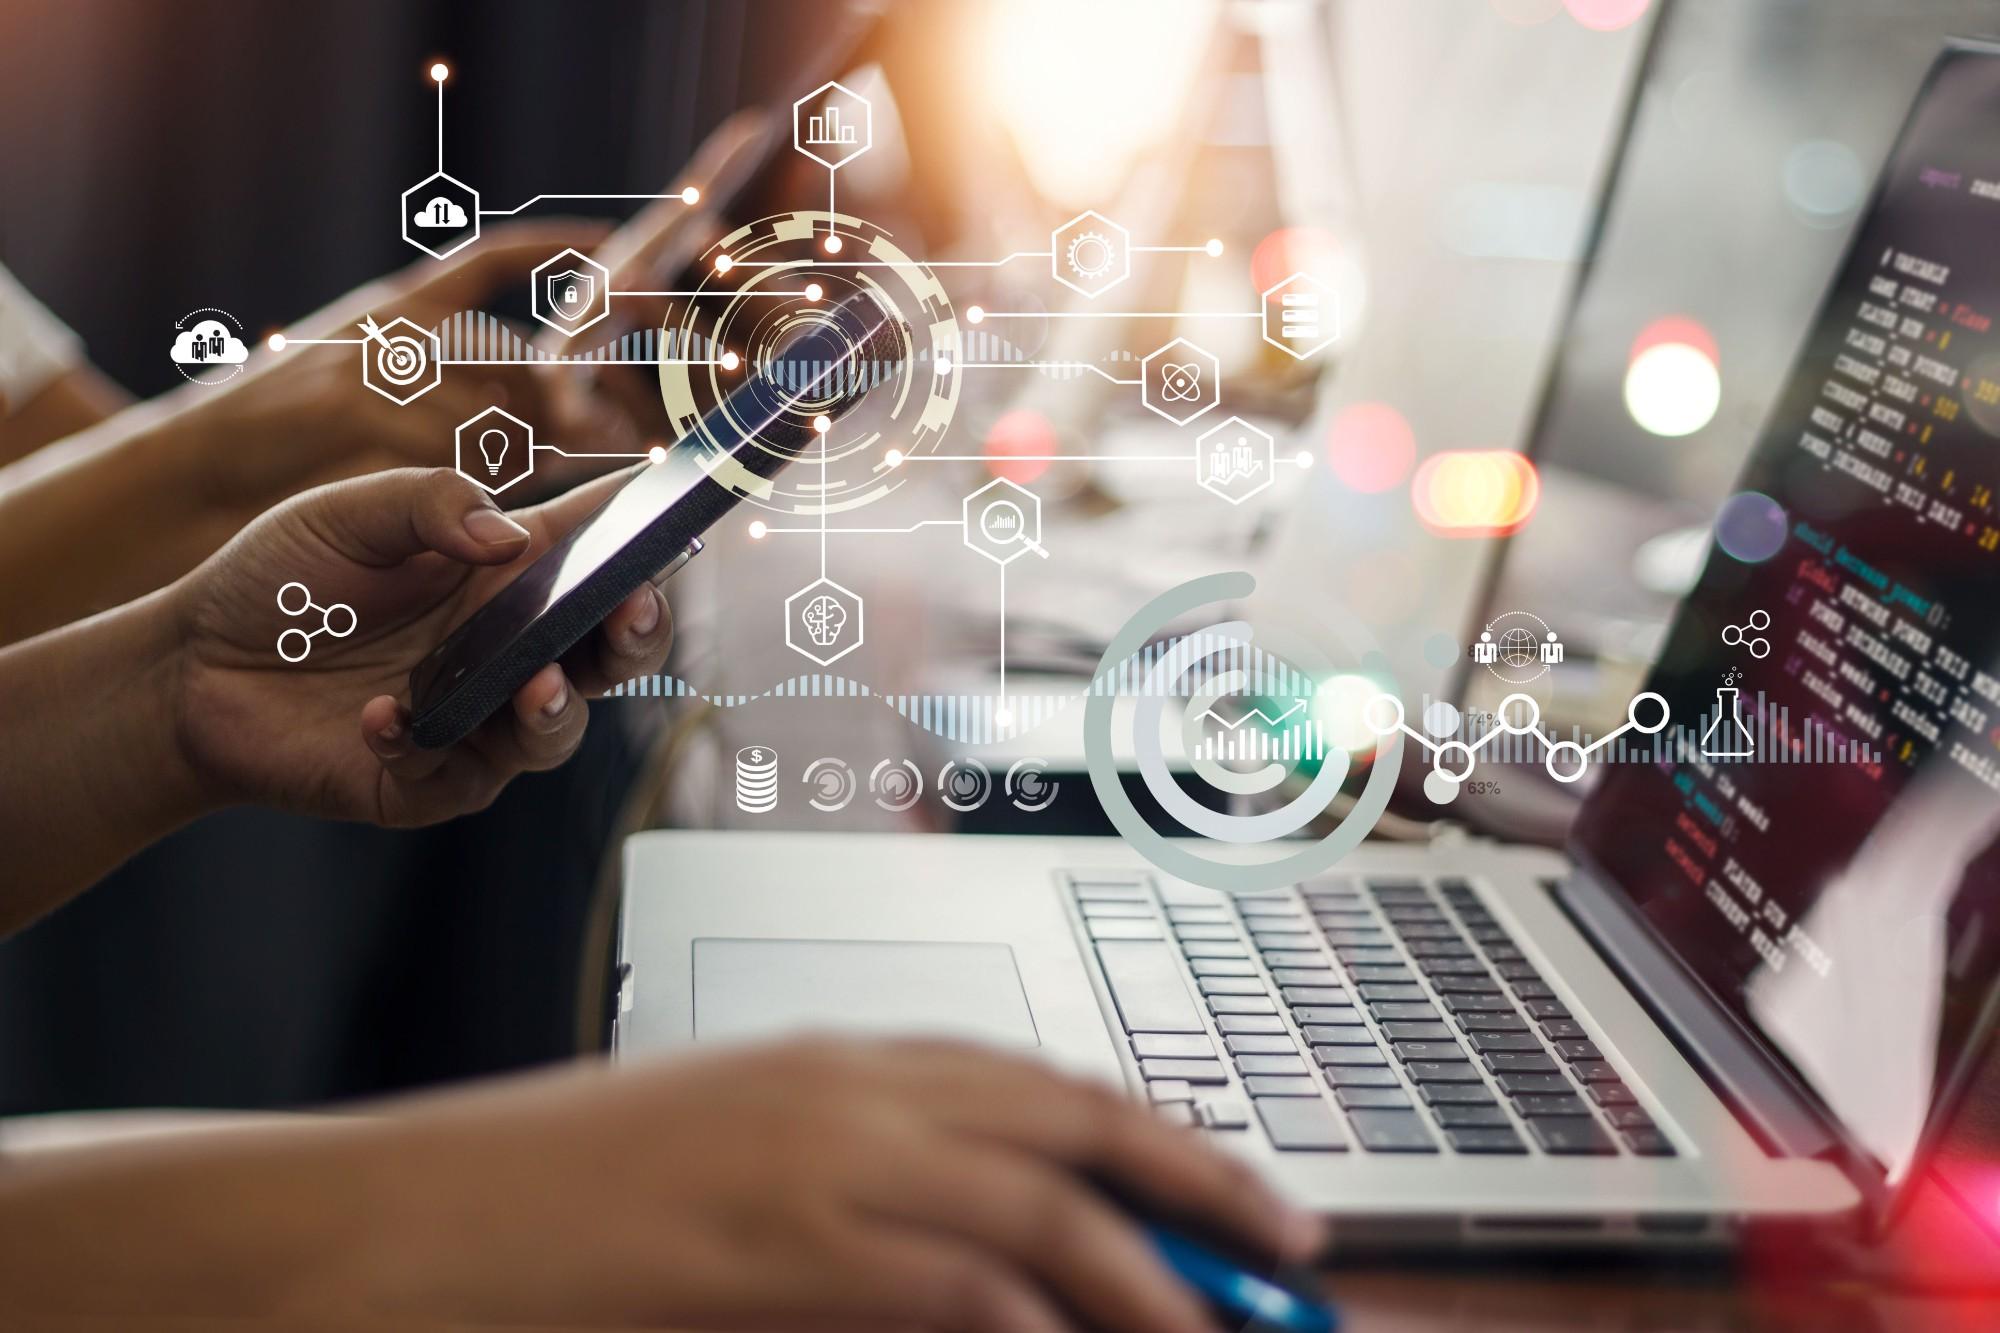 2021年に注目すべきサーバービジネスのトレンドとは?